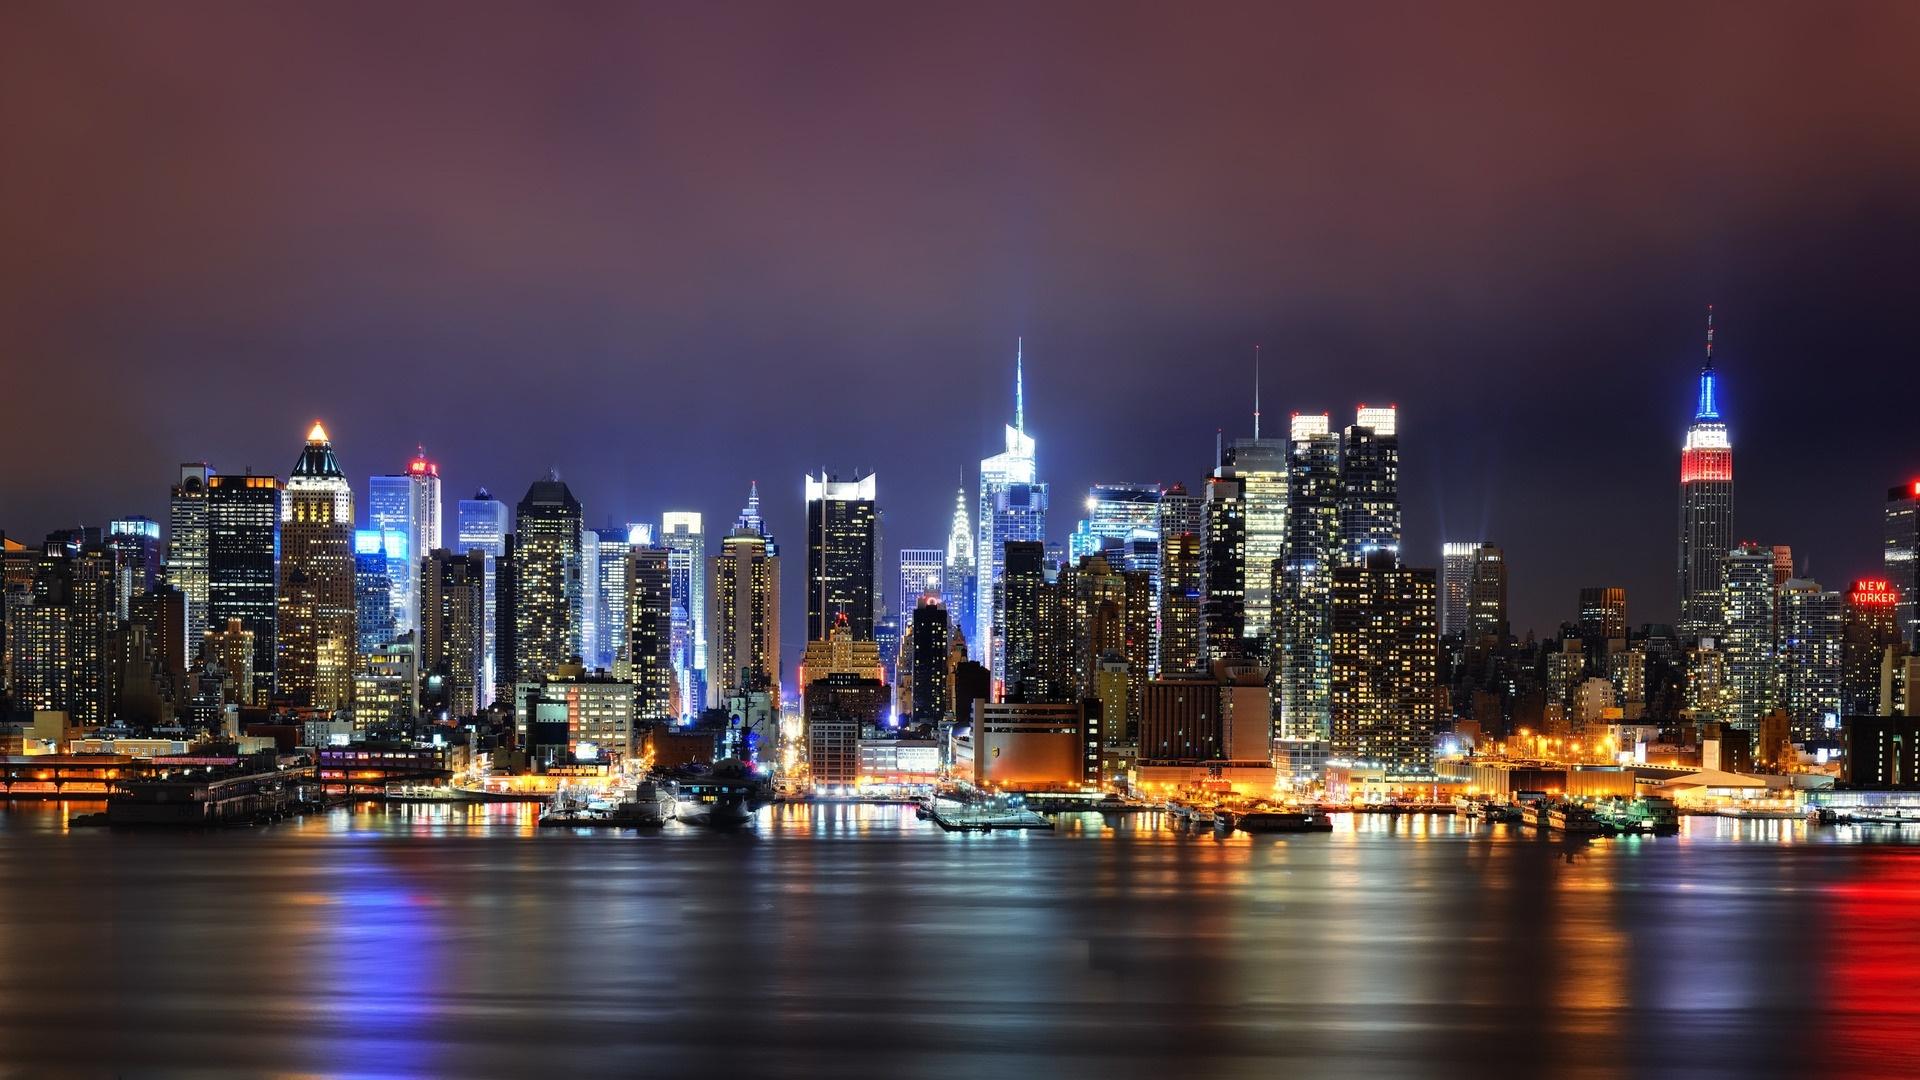 luci_di_new_york